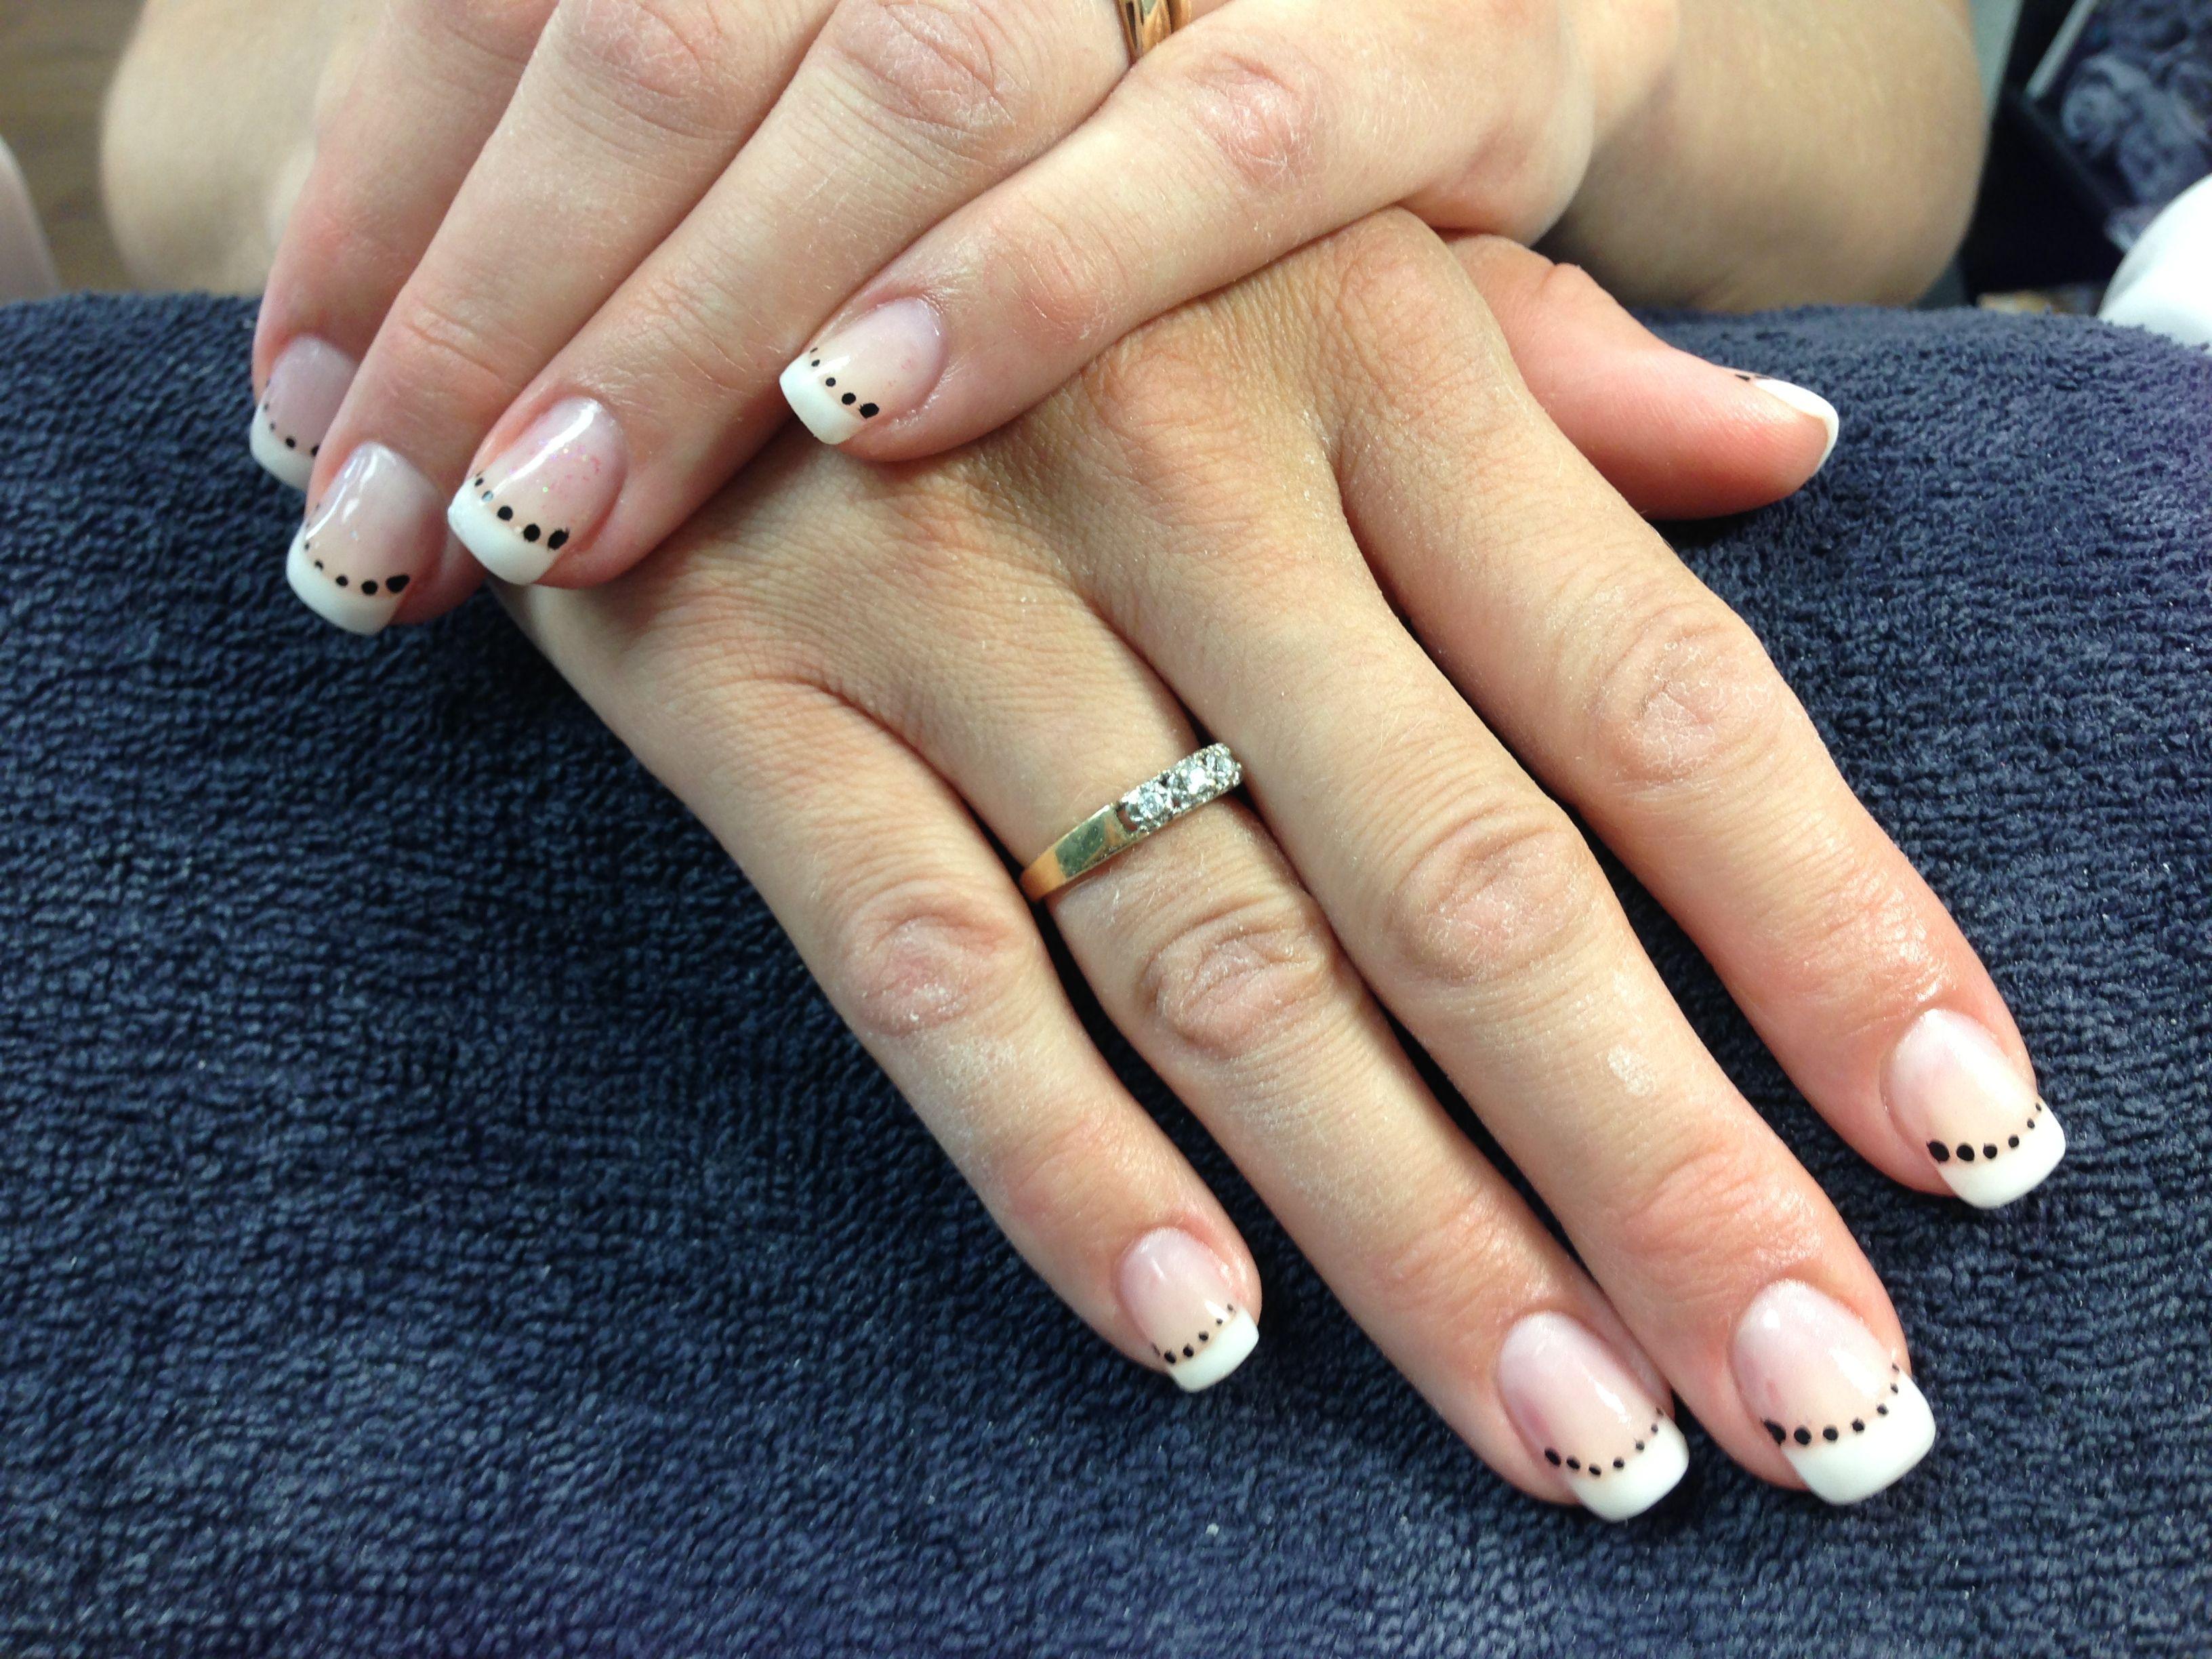 Pin By Lori Henry On Nail Inspiration Gel Nail Art Nails Nail Art